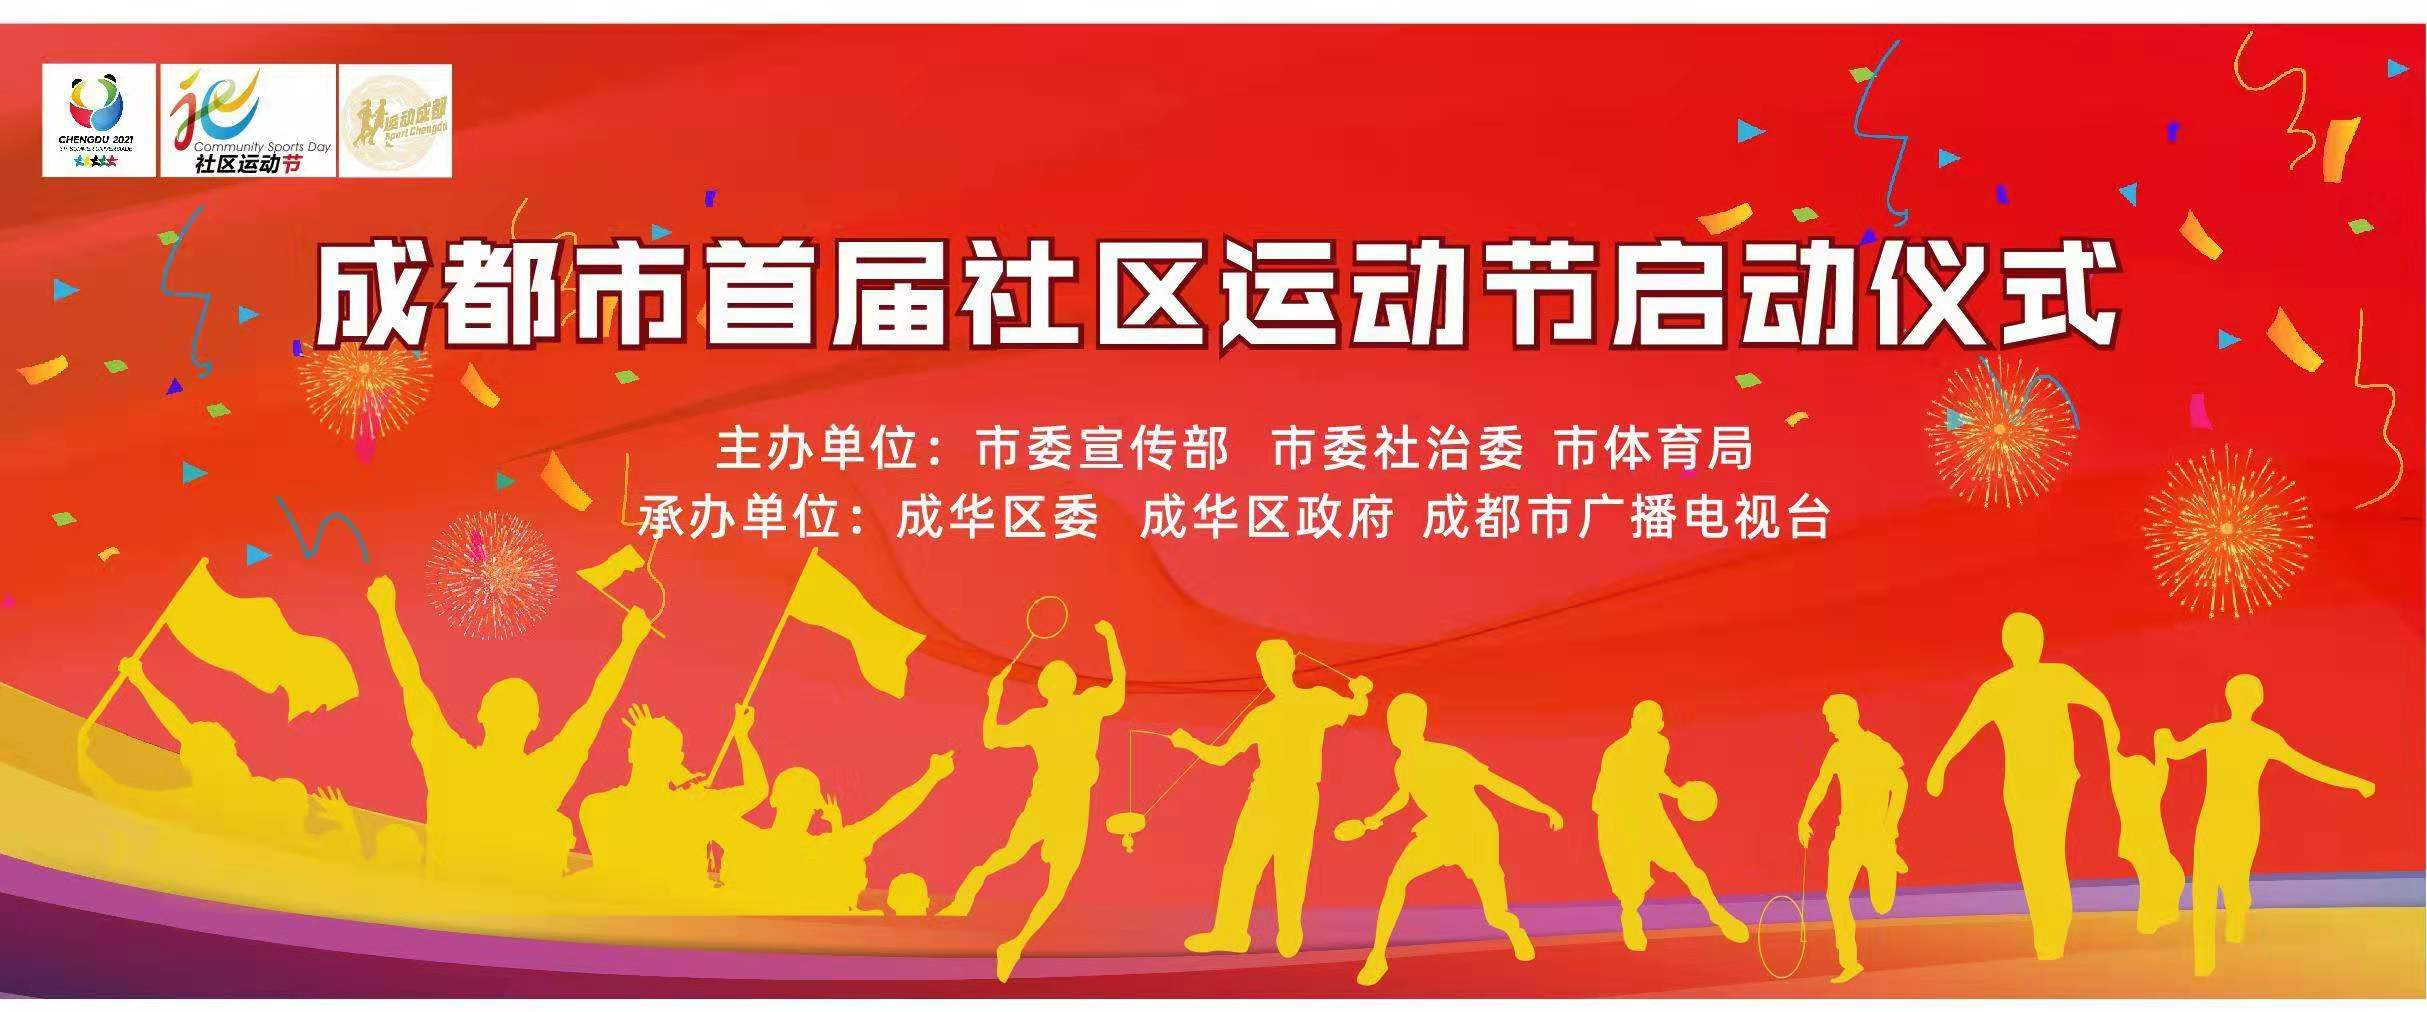 来发现社区里的运动达人 成都市首届社区运动节正式启动